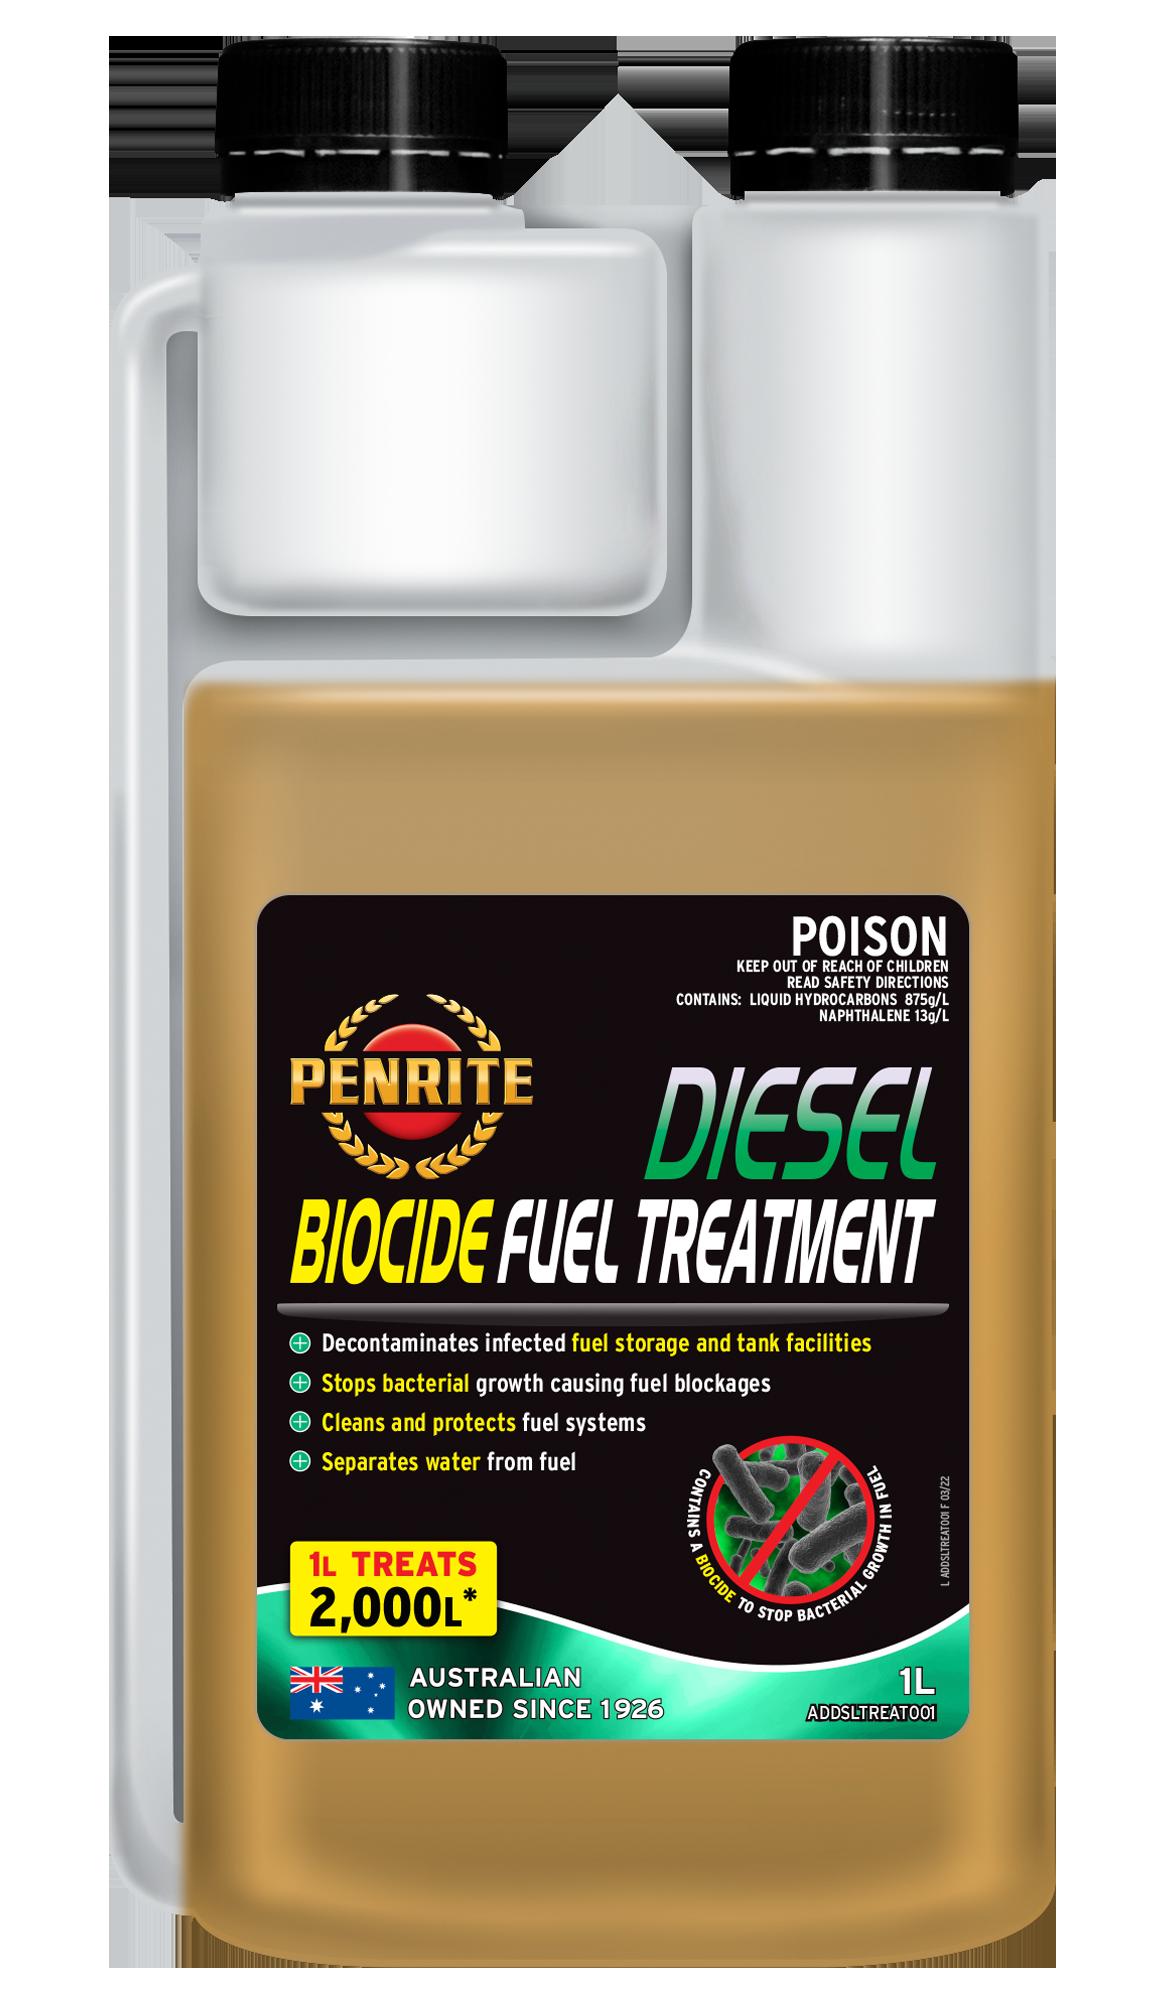 DIESEL BIOCIDE FUEL TREATMENT | Penrite Oil